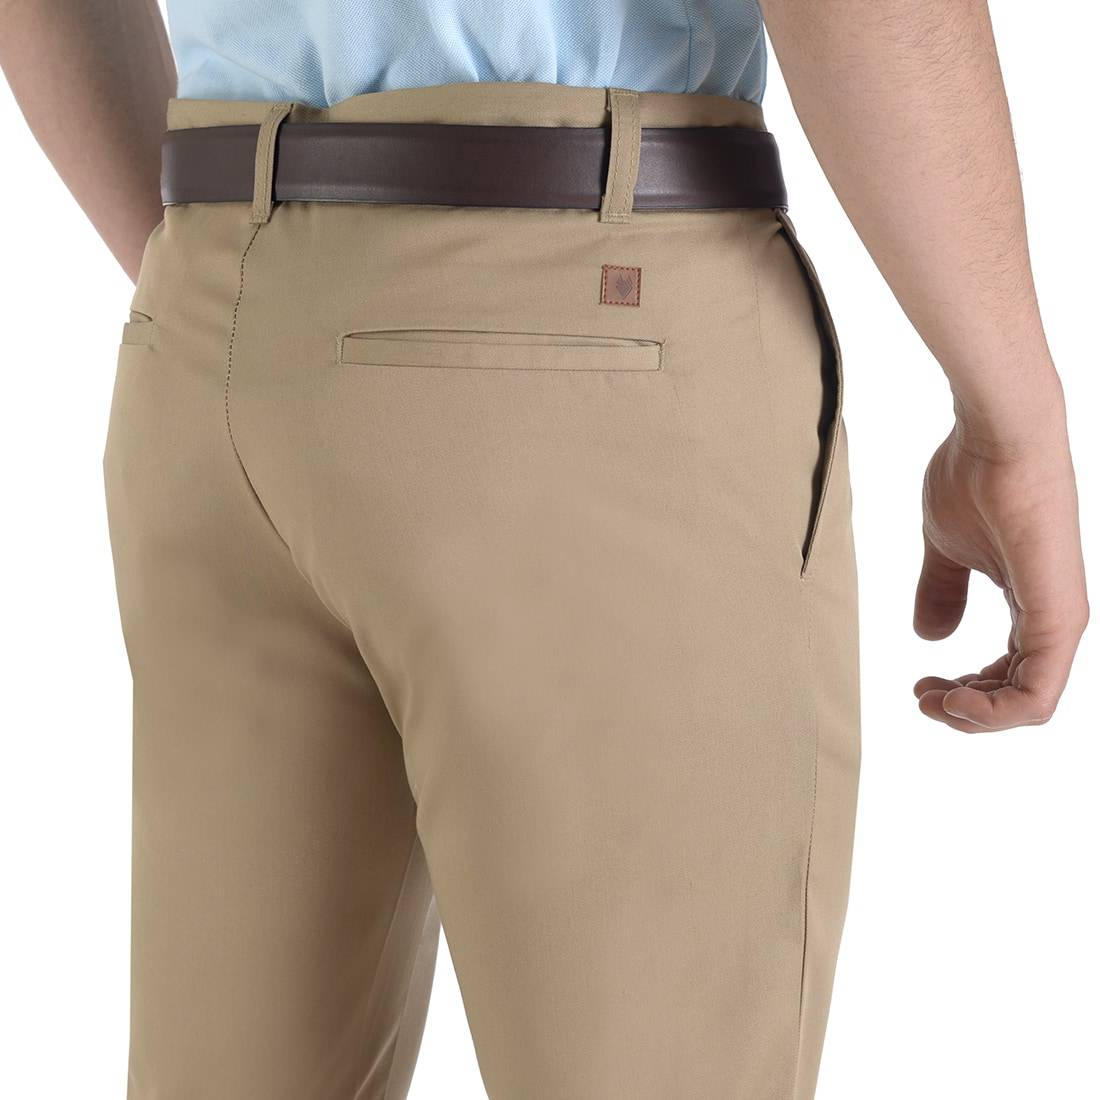 010920418967-04-Pantalon-Casual-Slim-Fit-Kaki-yale